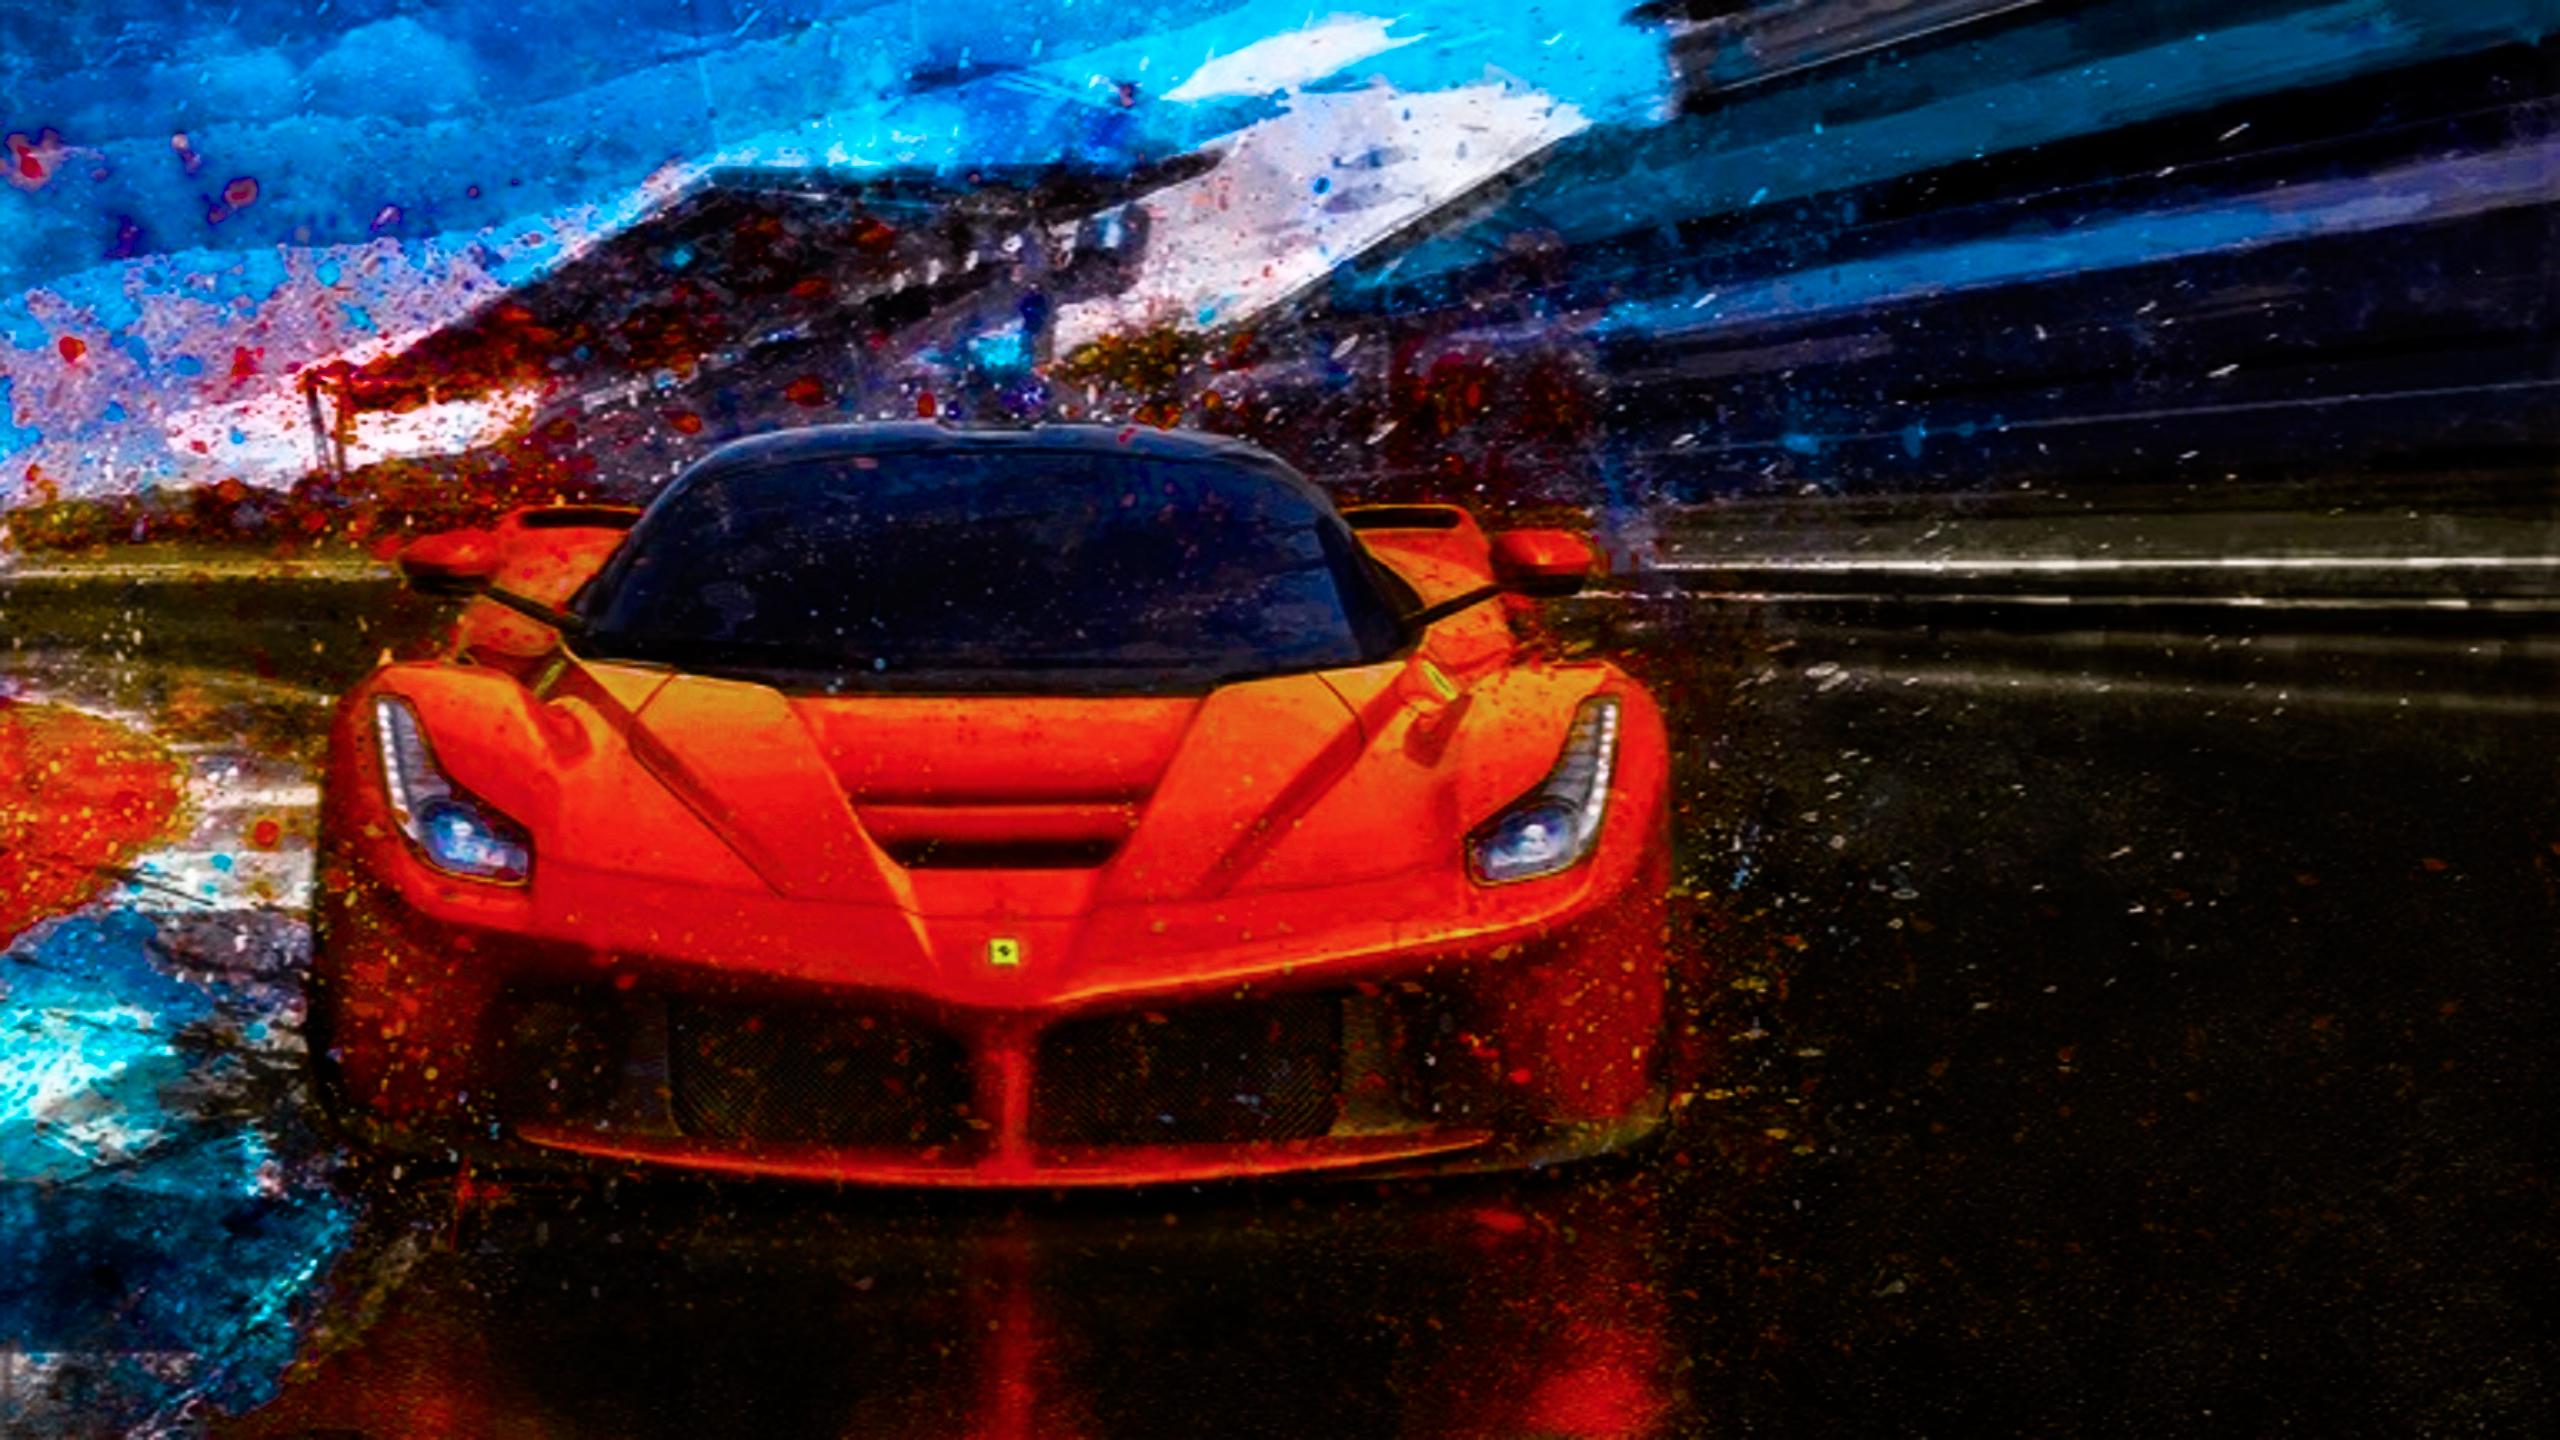 Masaüstü Araba Devre Ferrari Boyama 2560x1440 Orichinals